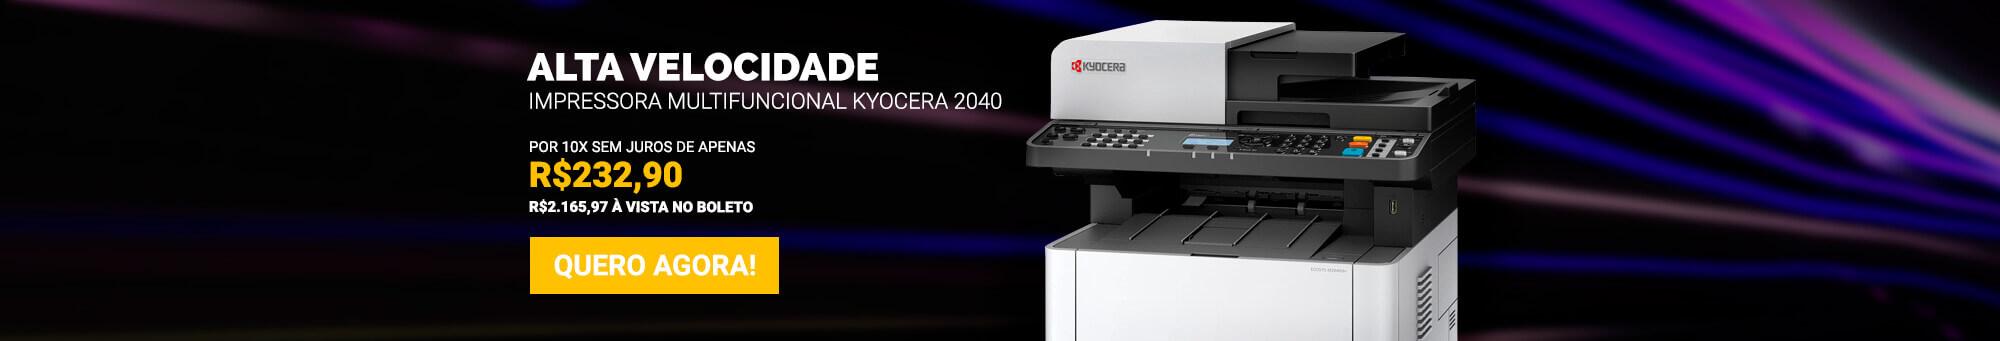 Kyocera 2040 - R$2.329